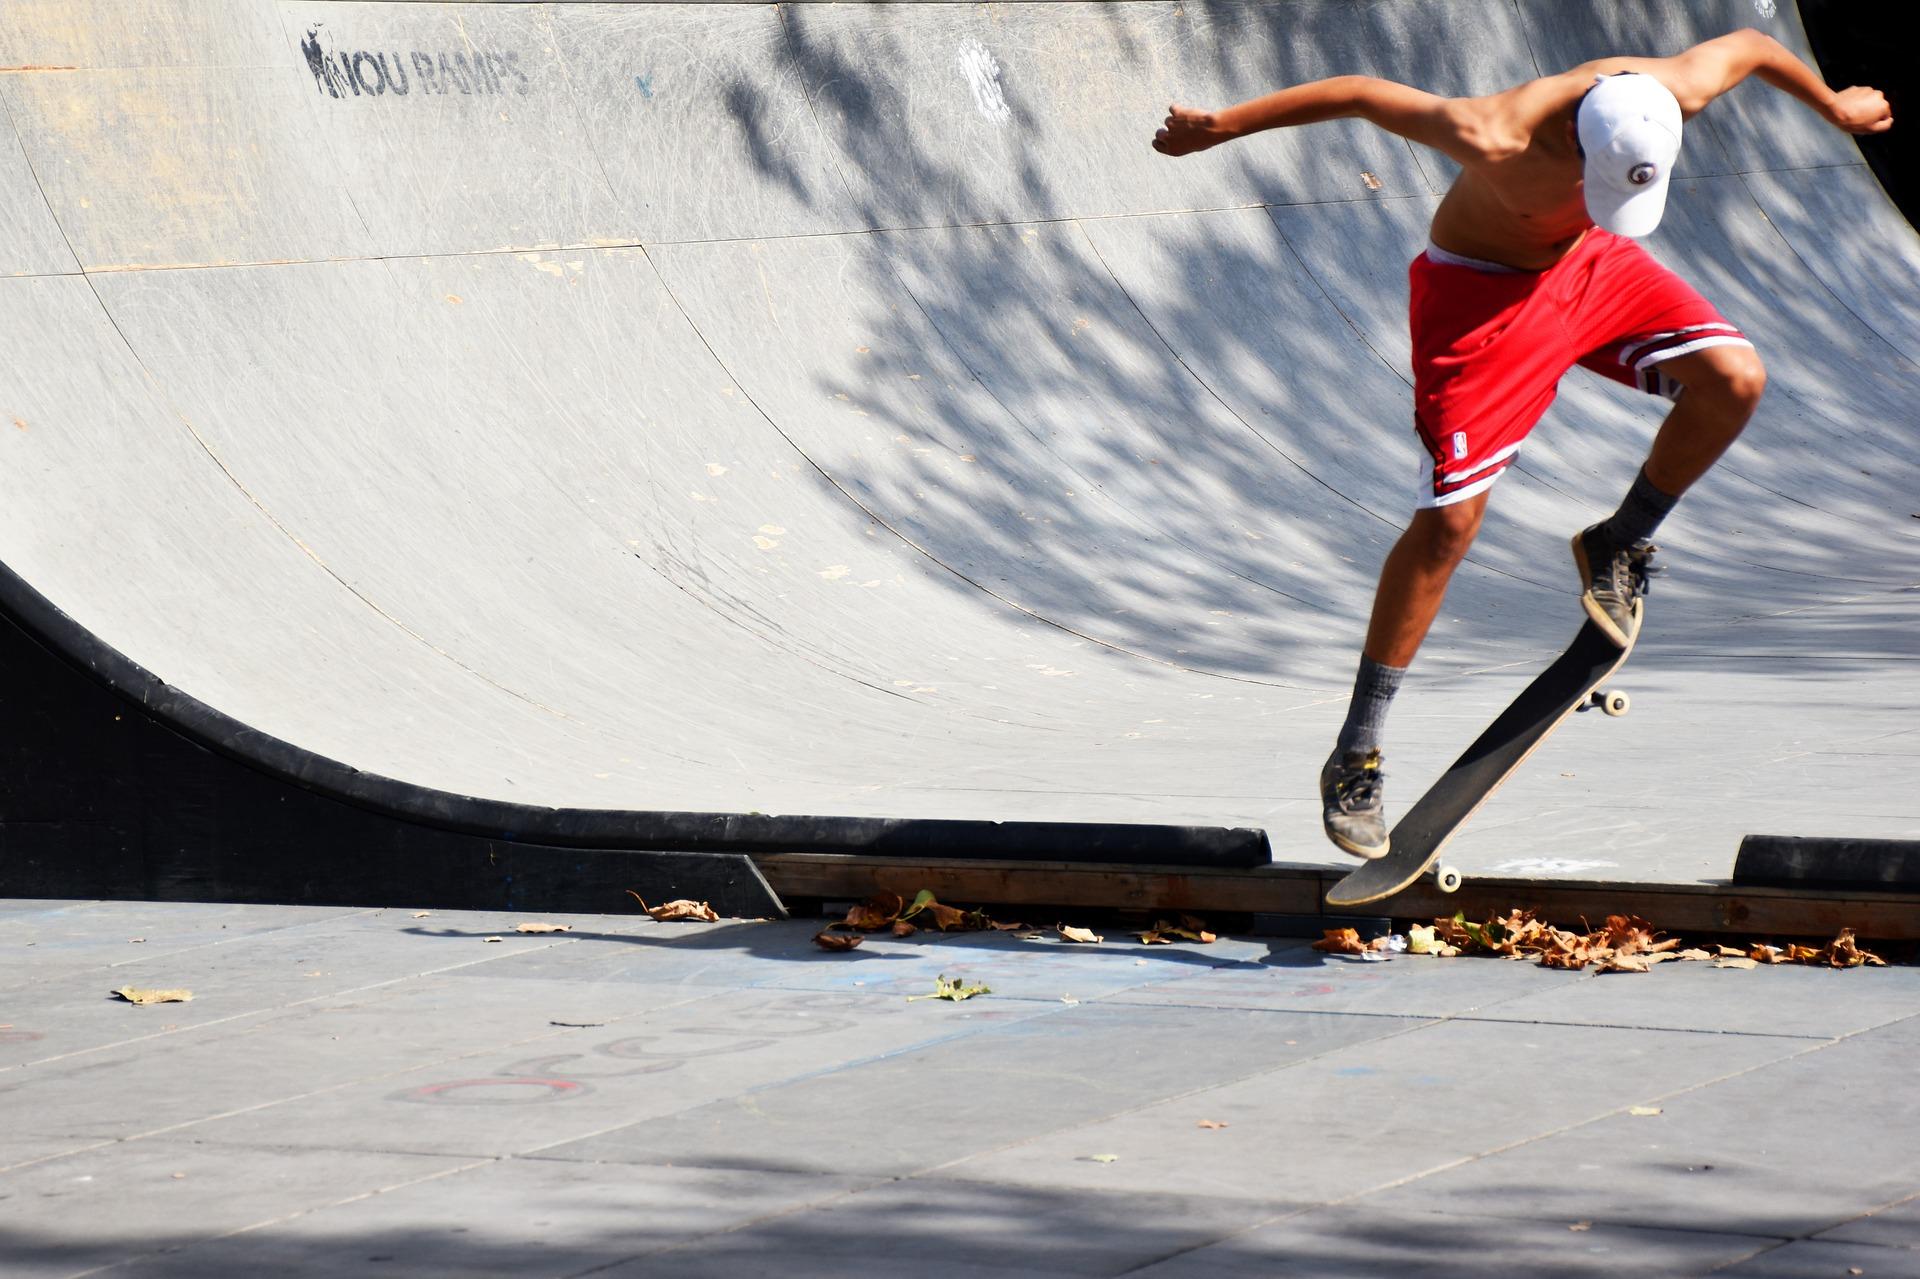 Meilleurs Skateparks à Toulouse - Skatepark Rangueil